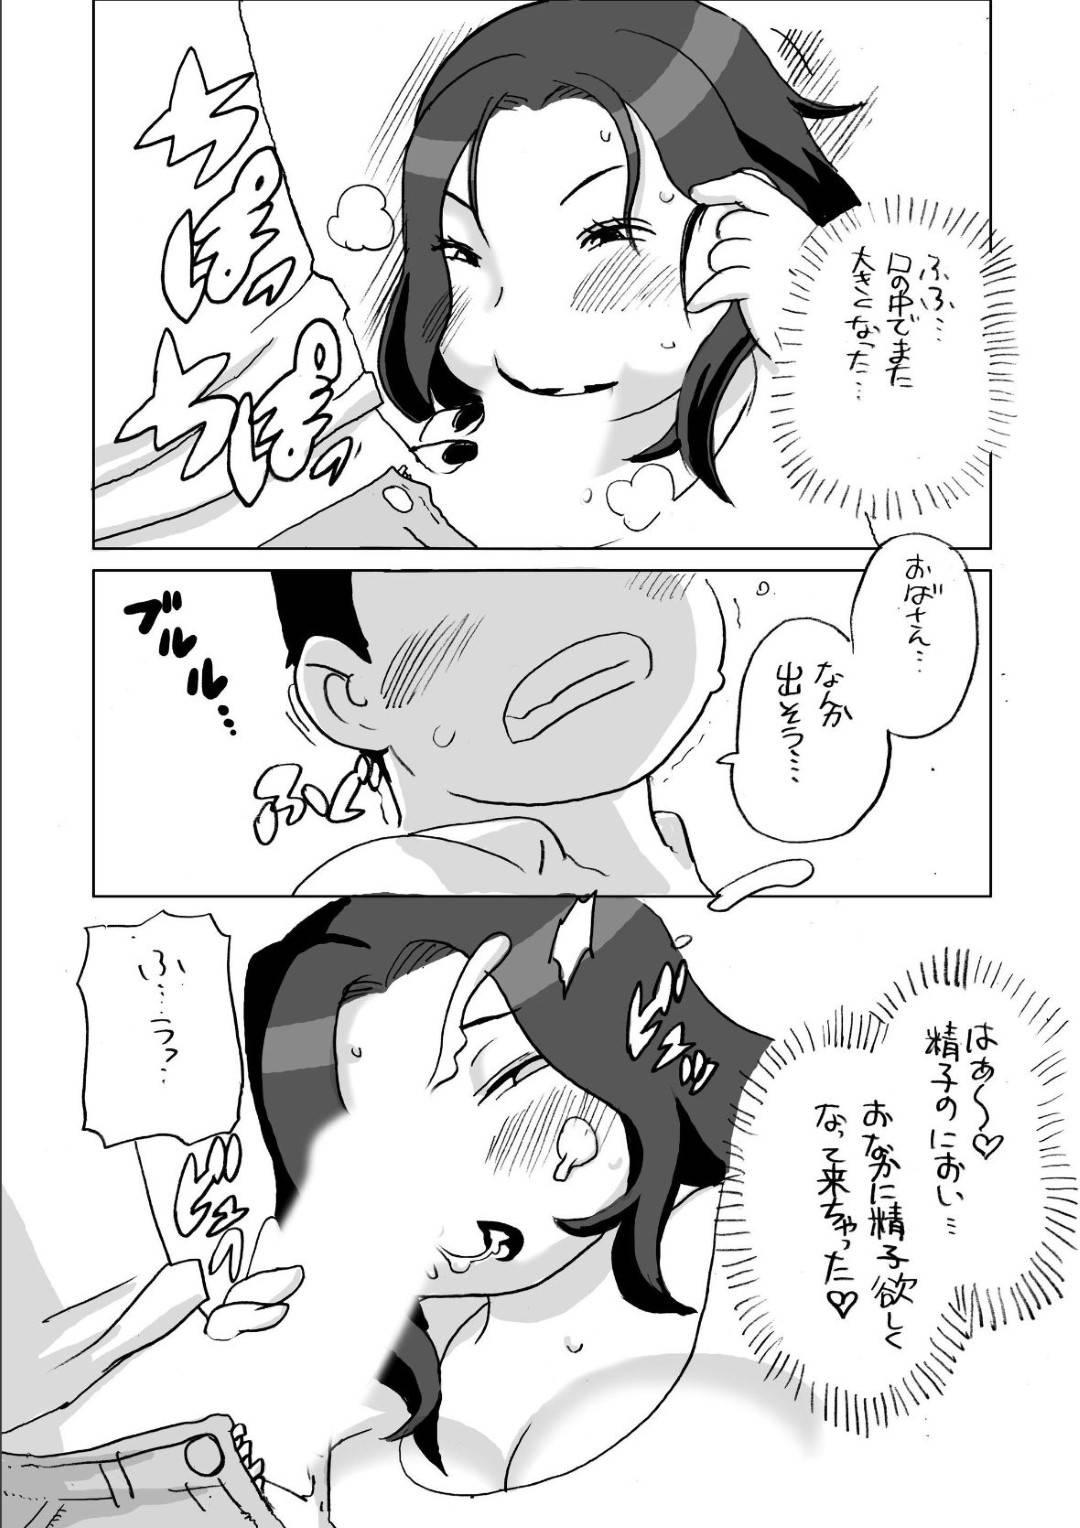 【エロ漫画】バイブを並べた屋台の爆乳お姉さんは男子にお尻を差し出してバイブ責めしてもらいイキまくり筆おろしセックス